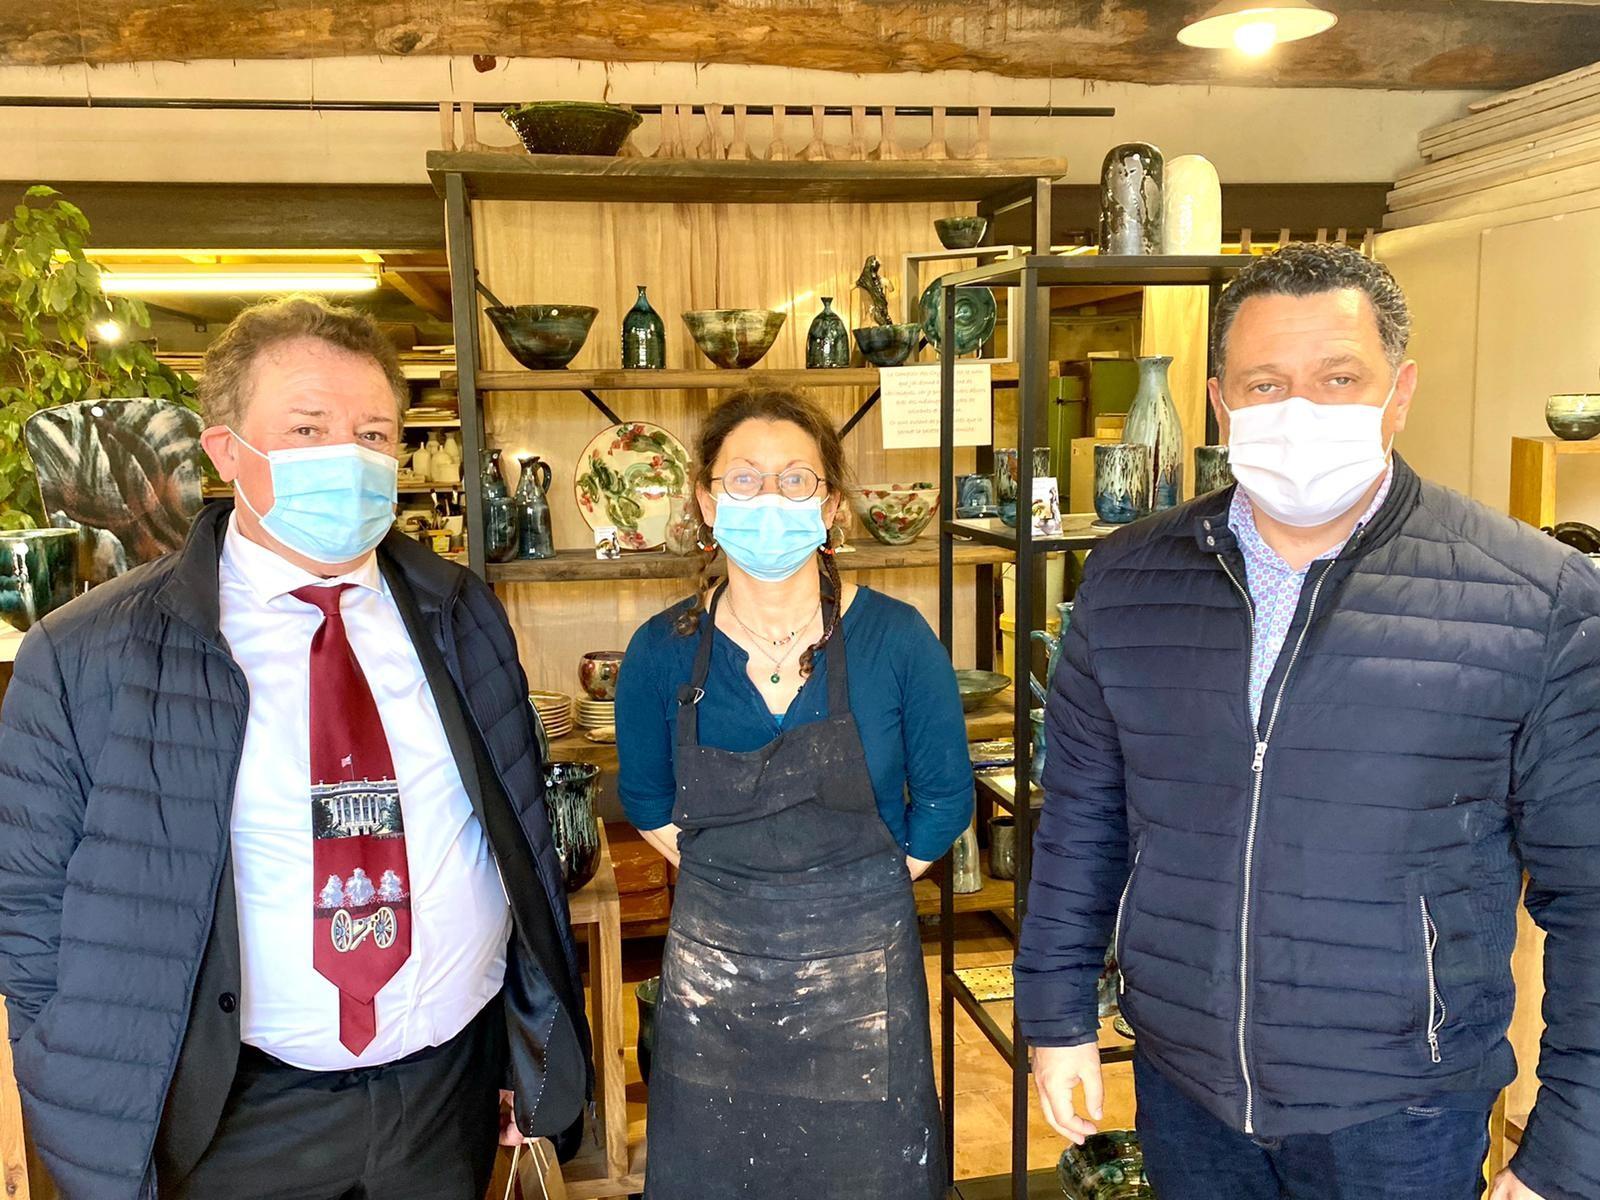 Christian POUJOL, président de la CMA34, rencontre les artisans de Saint-Jean-de-Fos